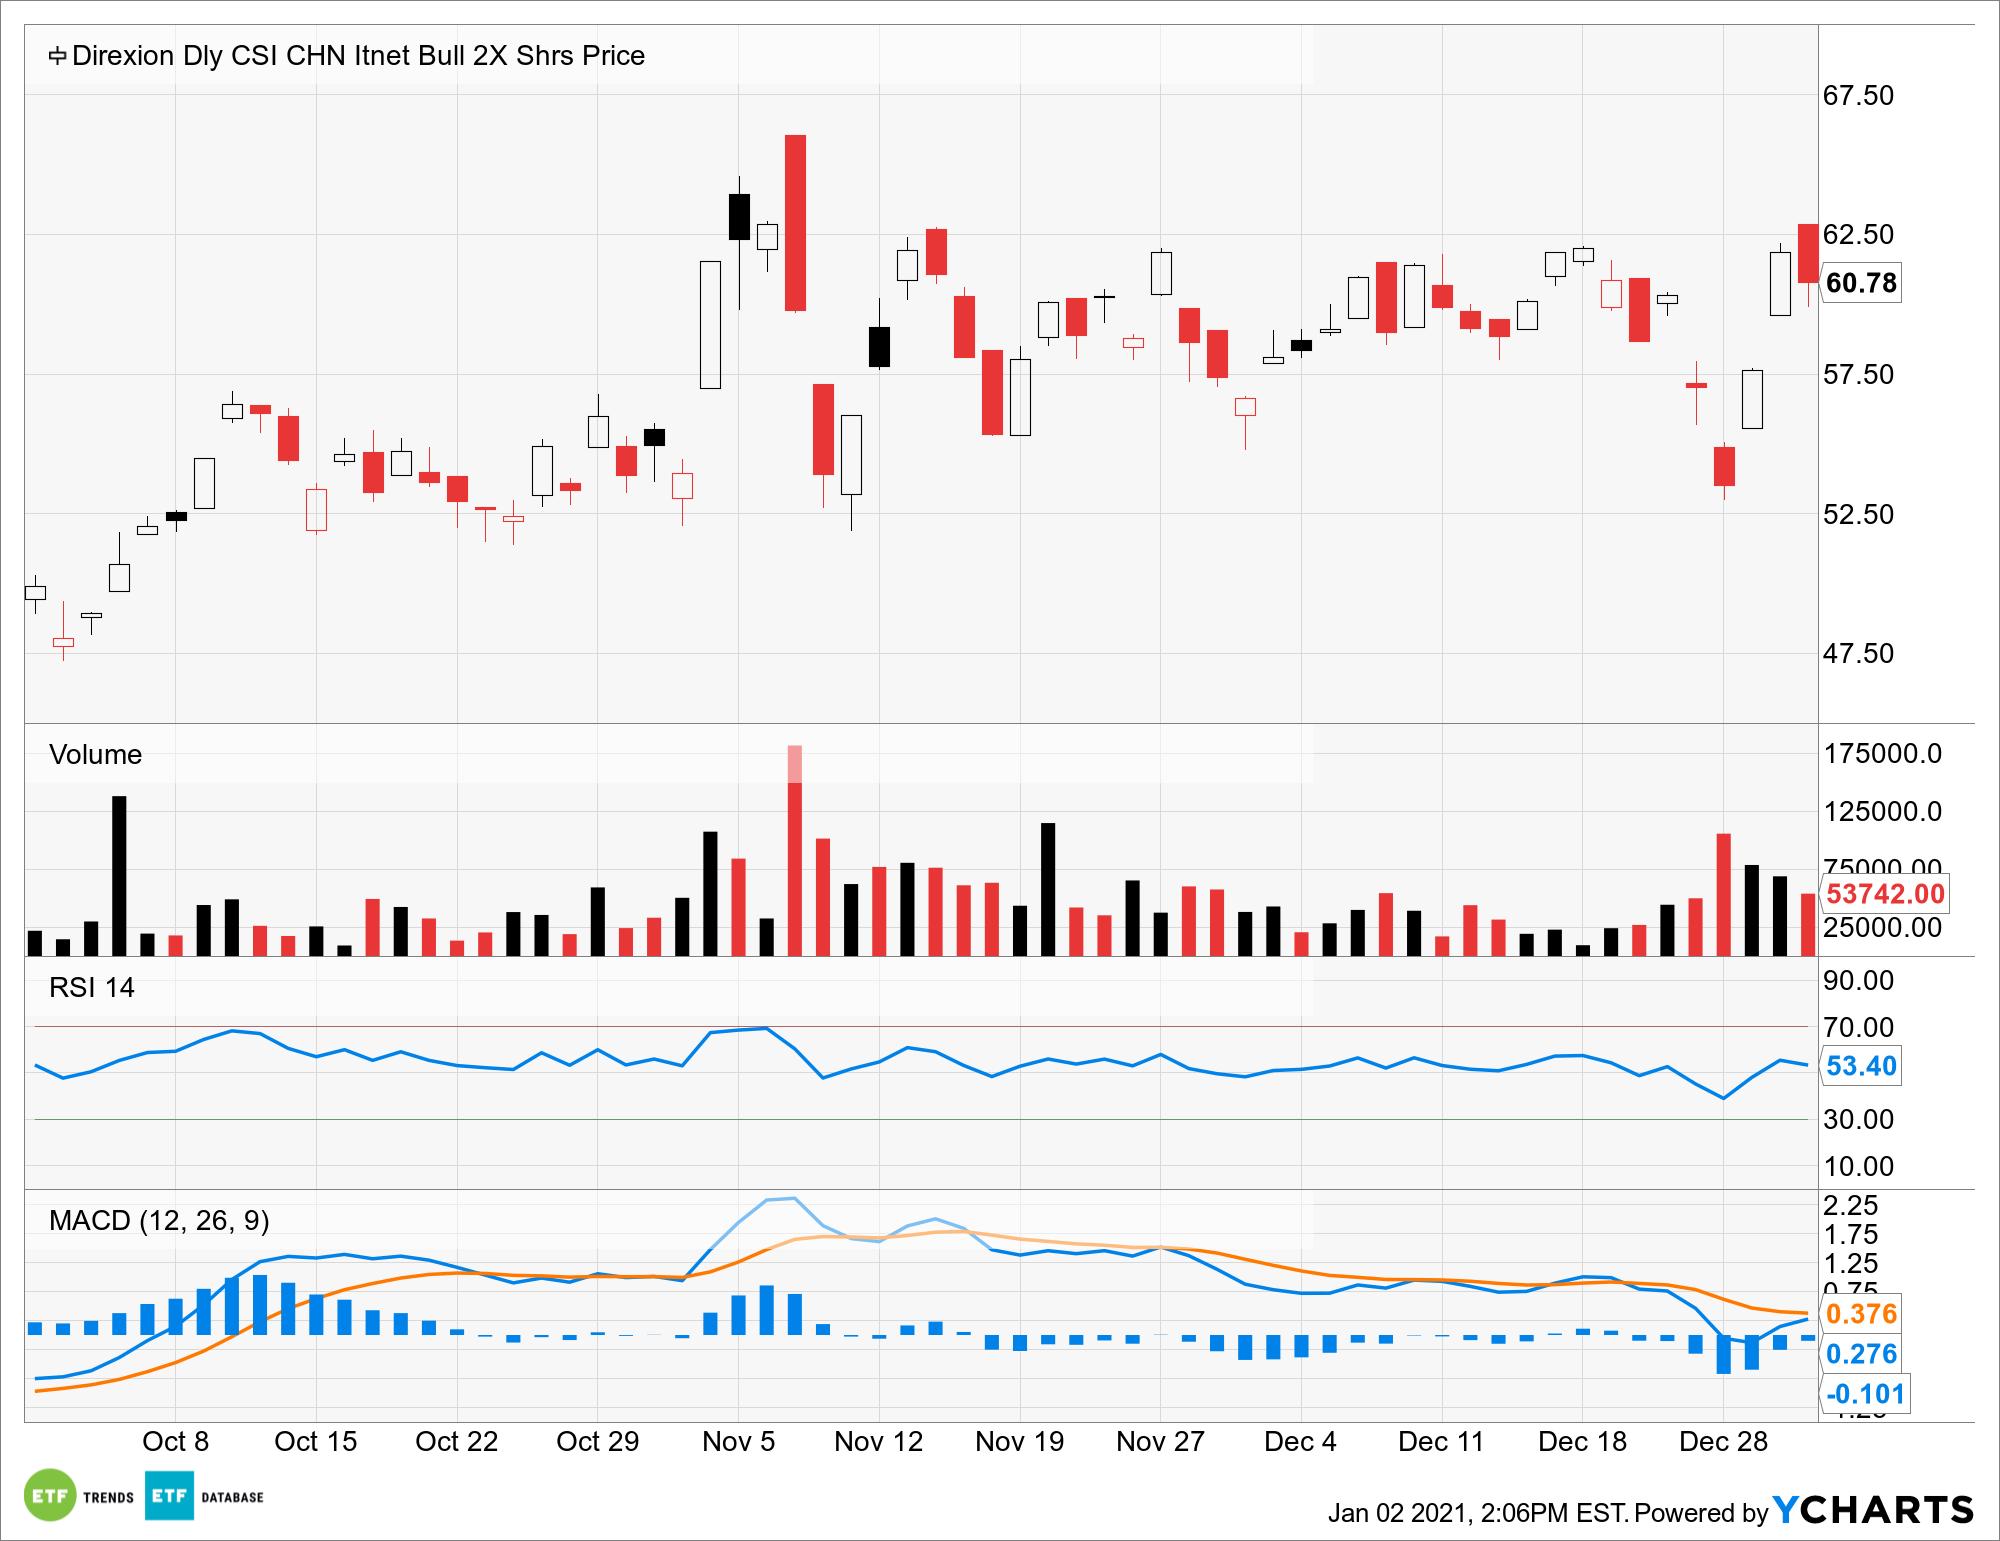 CWEB Chart